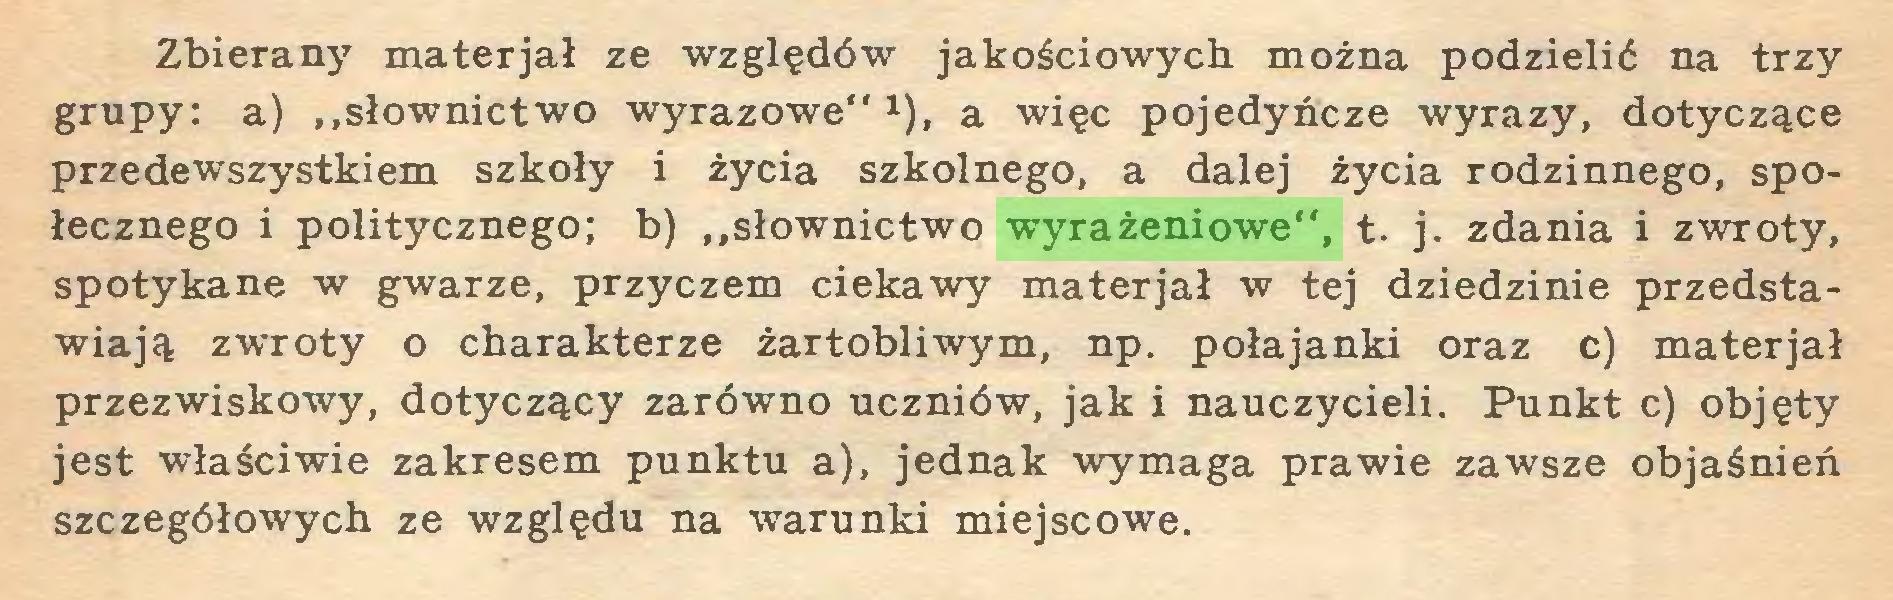 """(...) Zbierany materjał ze względów jakościowych można podzielić na trzy grupy: a) ,.słownictwo wyrazowe""""1), a więc pojedyncze wyrazy, dotyczące przedewszystkiem szkoły i życia szkolnego, a dalej życia rodzinnego, społecznego i politycznego; b) """"słownictwo wyrażeniowe"""", t. j. zdania i zwroty, spotykane w gwarze, przyczem ciekawy materjał w tej dziedzinie przedstawiają zwroty o charakterze żartobliwym, np. połajanki oraz c) materjał przezwiskowy, dotyczący zarówno uczniów, jak i nauczycieli. Punkt c) objęty jest właściwie zakresem punktu a), jednak wymaga prawie zawsze objaśnień szczegółowych ze względu na warunki miejscowe..."""